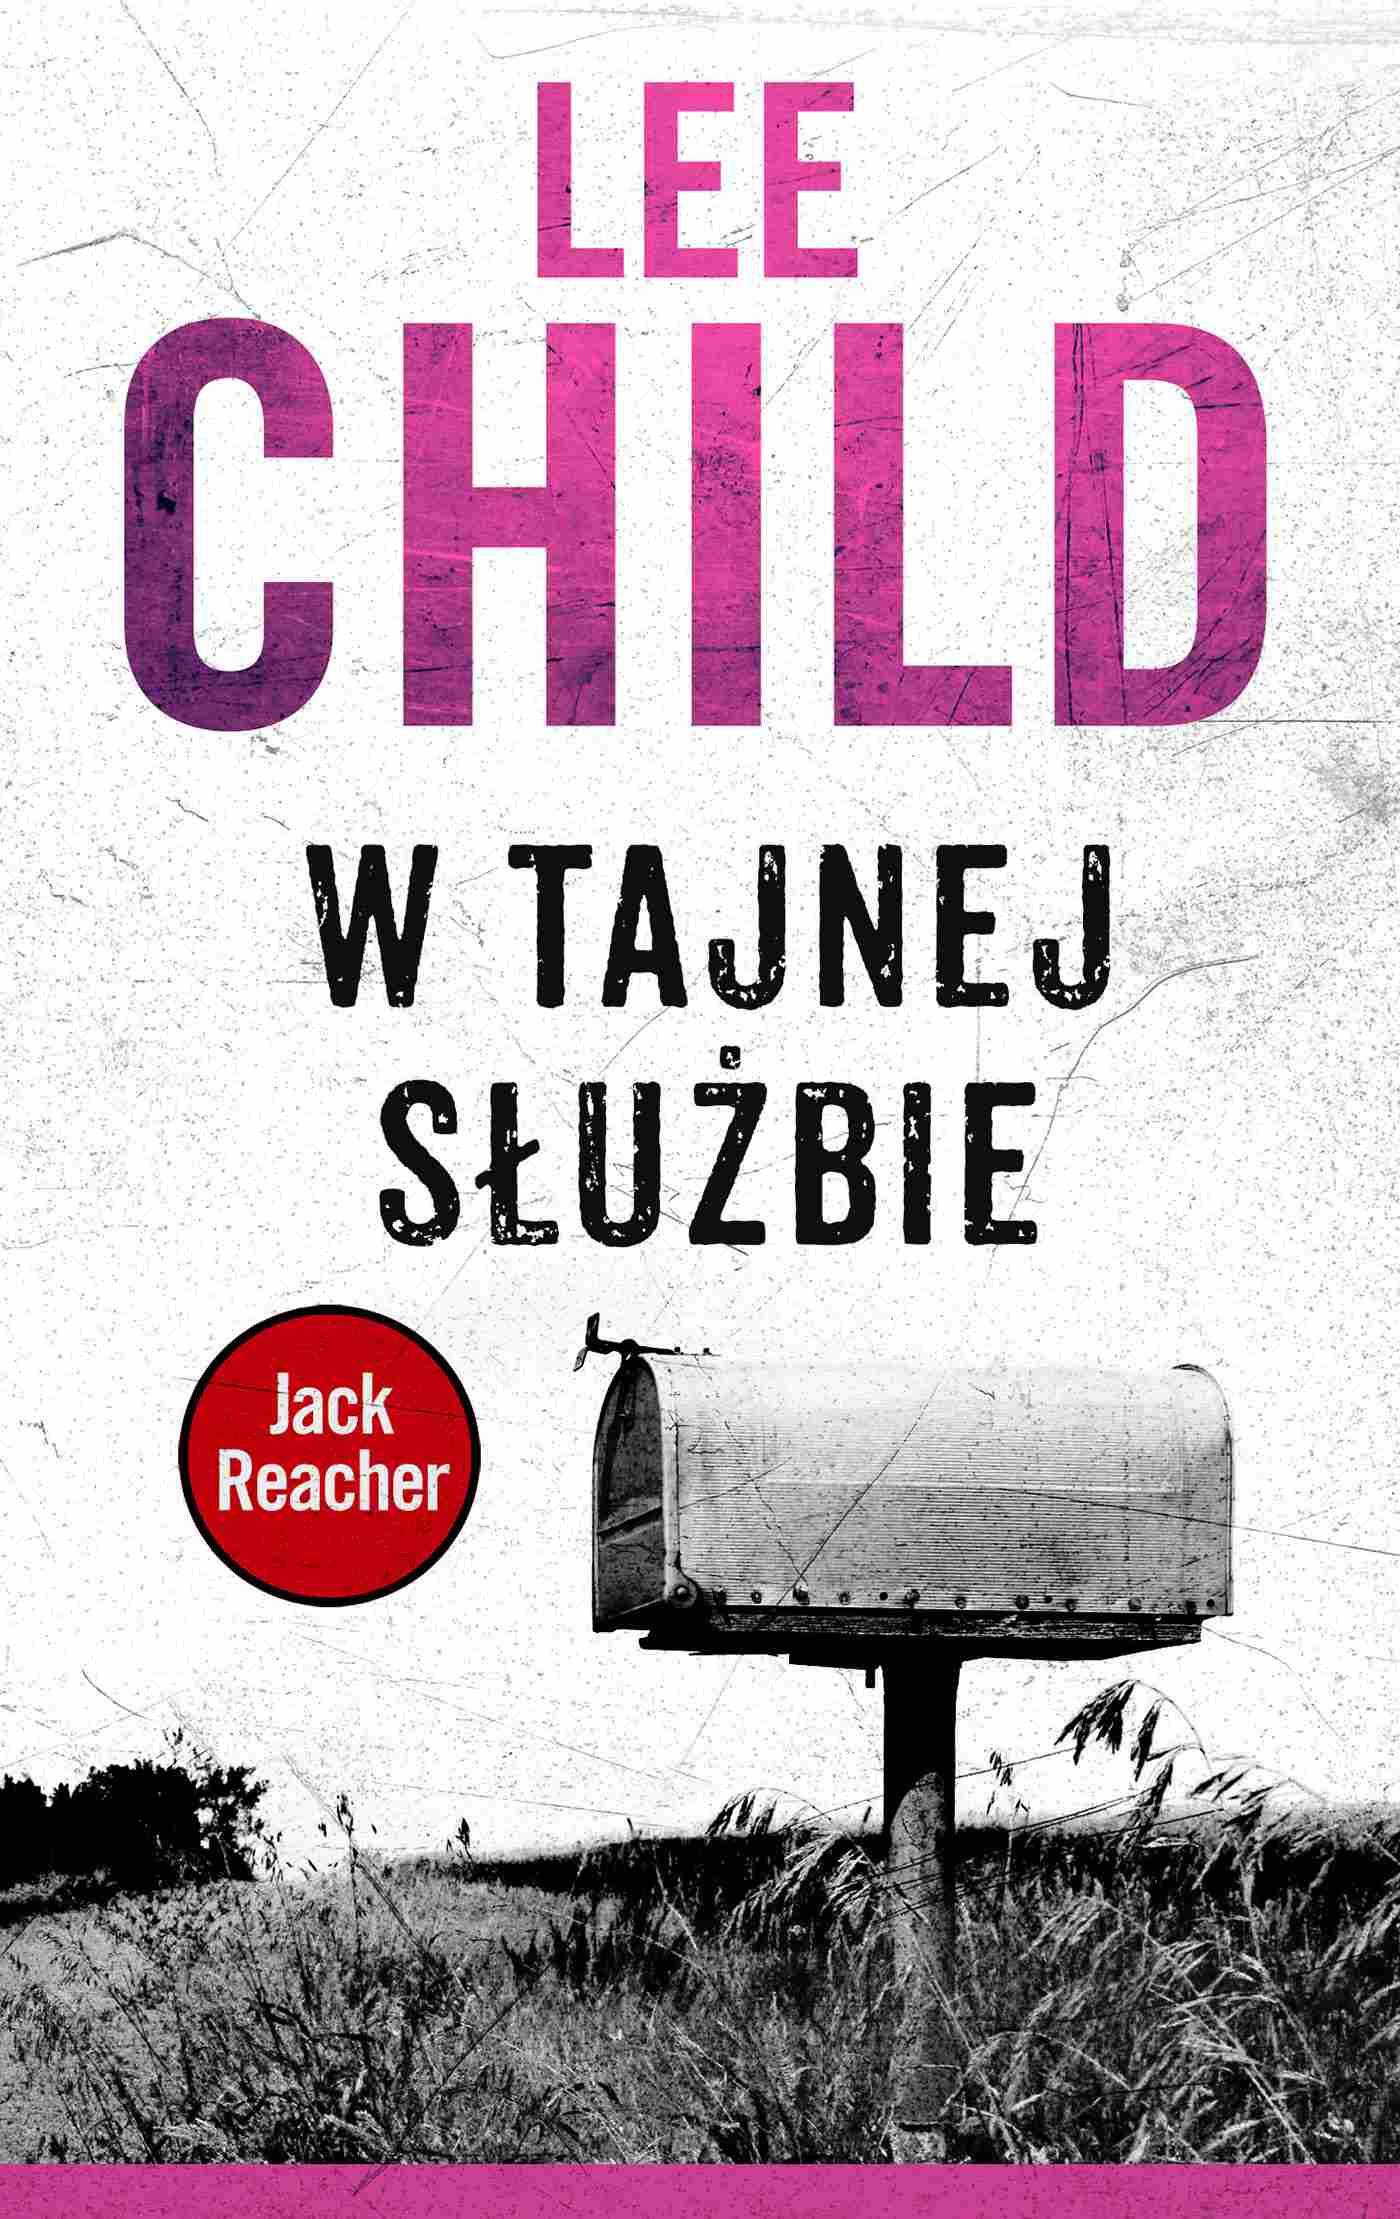 Jack Reacher. W tajnej służbie - Ebook (Książka na Kindle) do pobrania w formacie MOBI